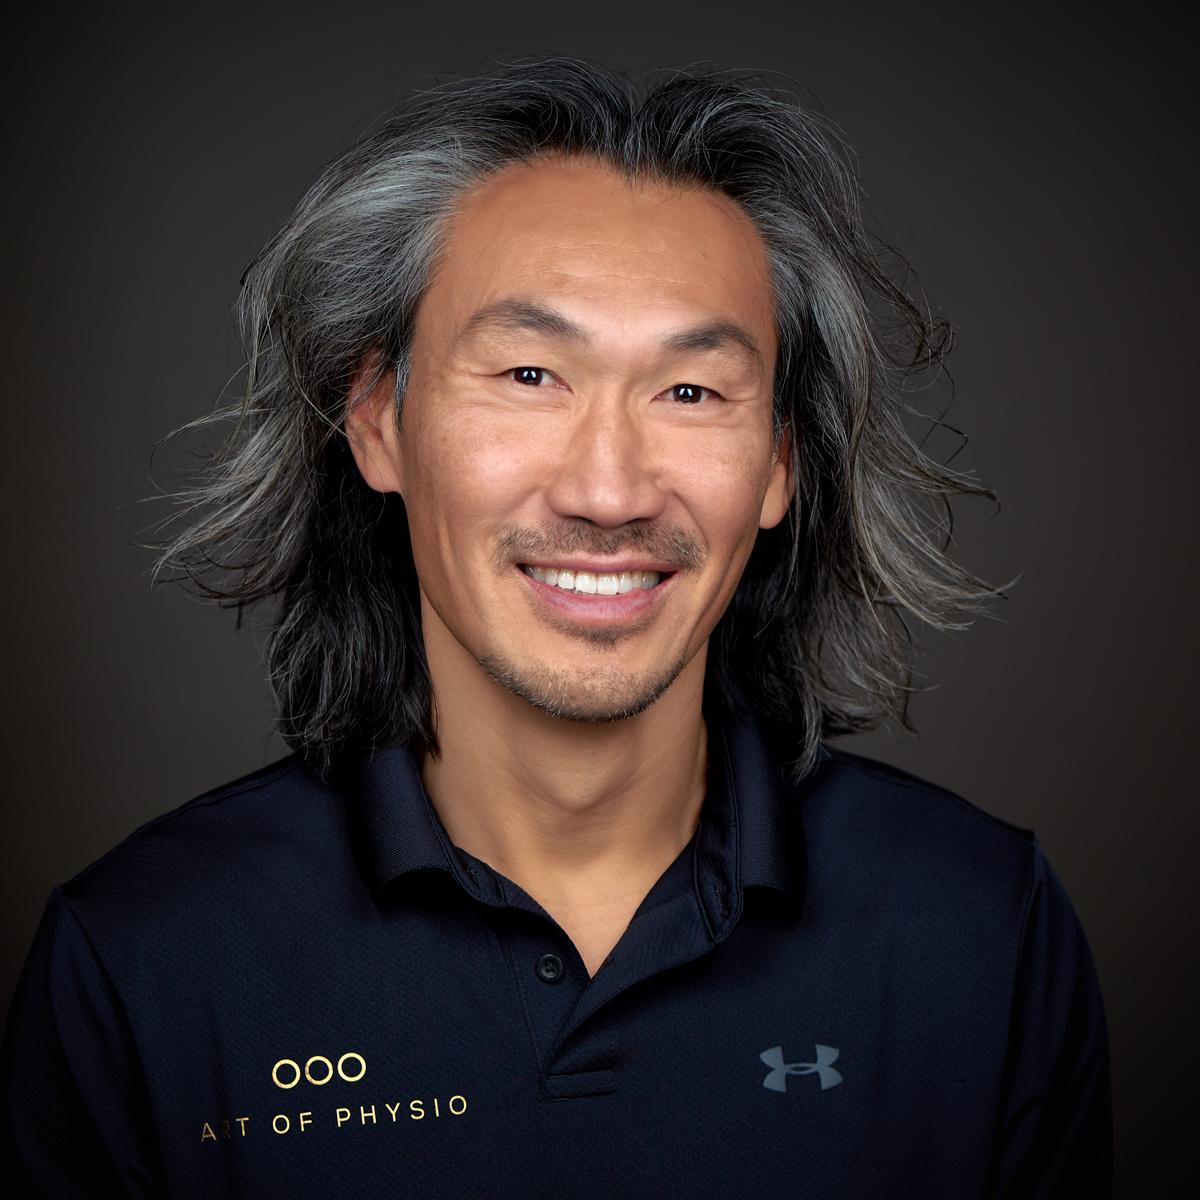 Dong Meijer